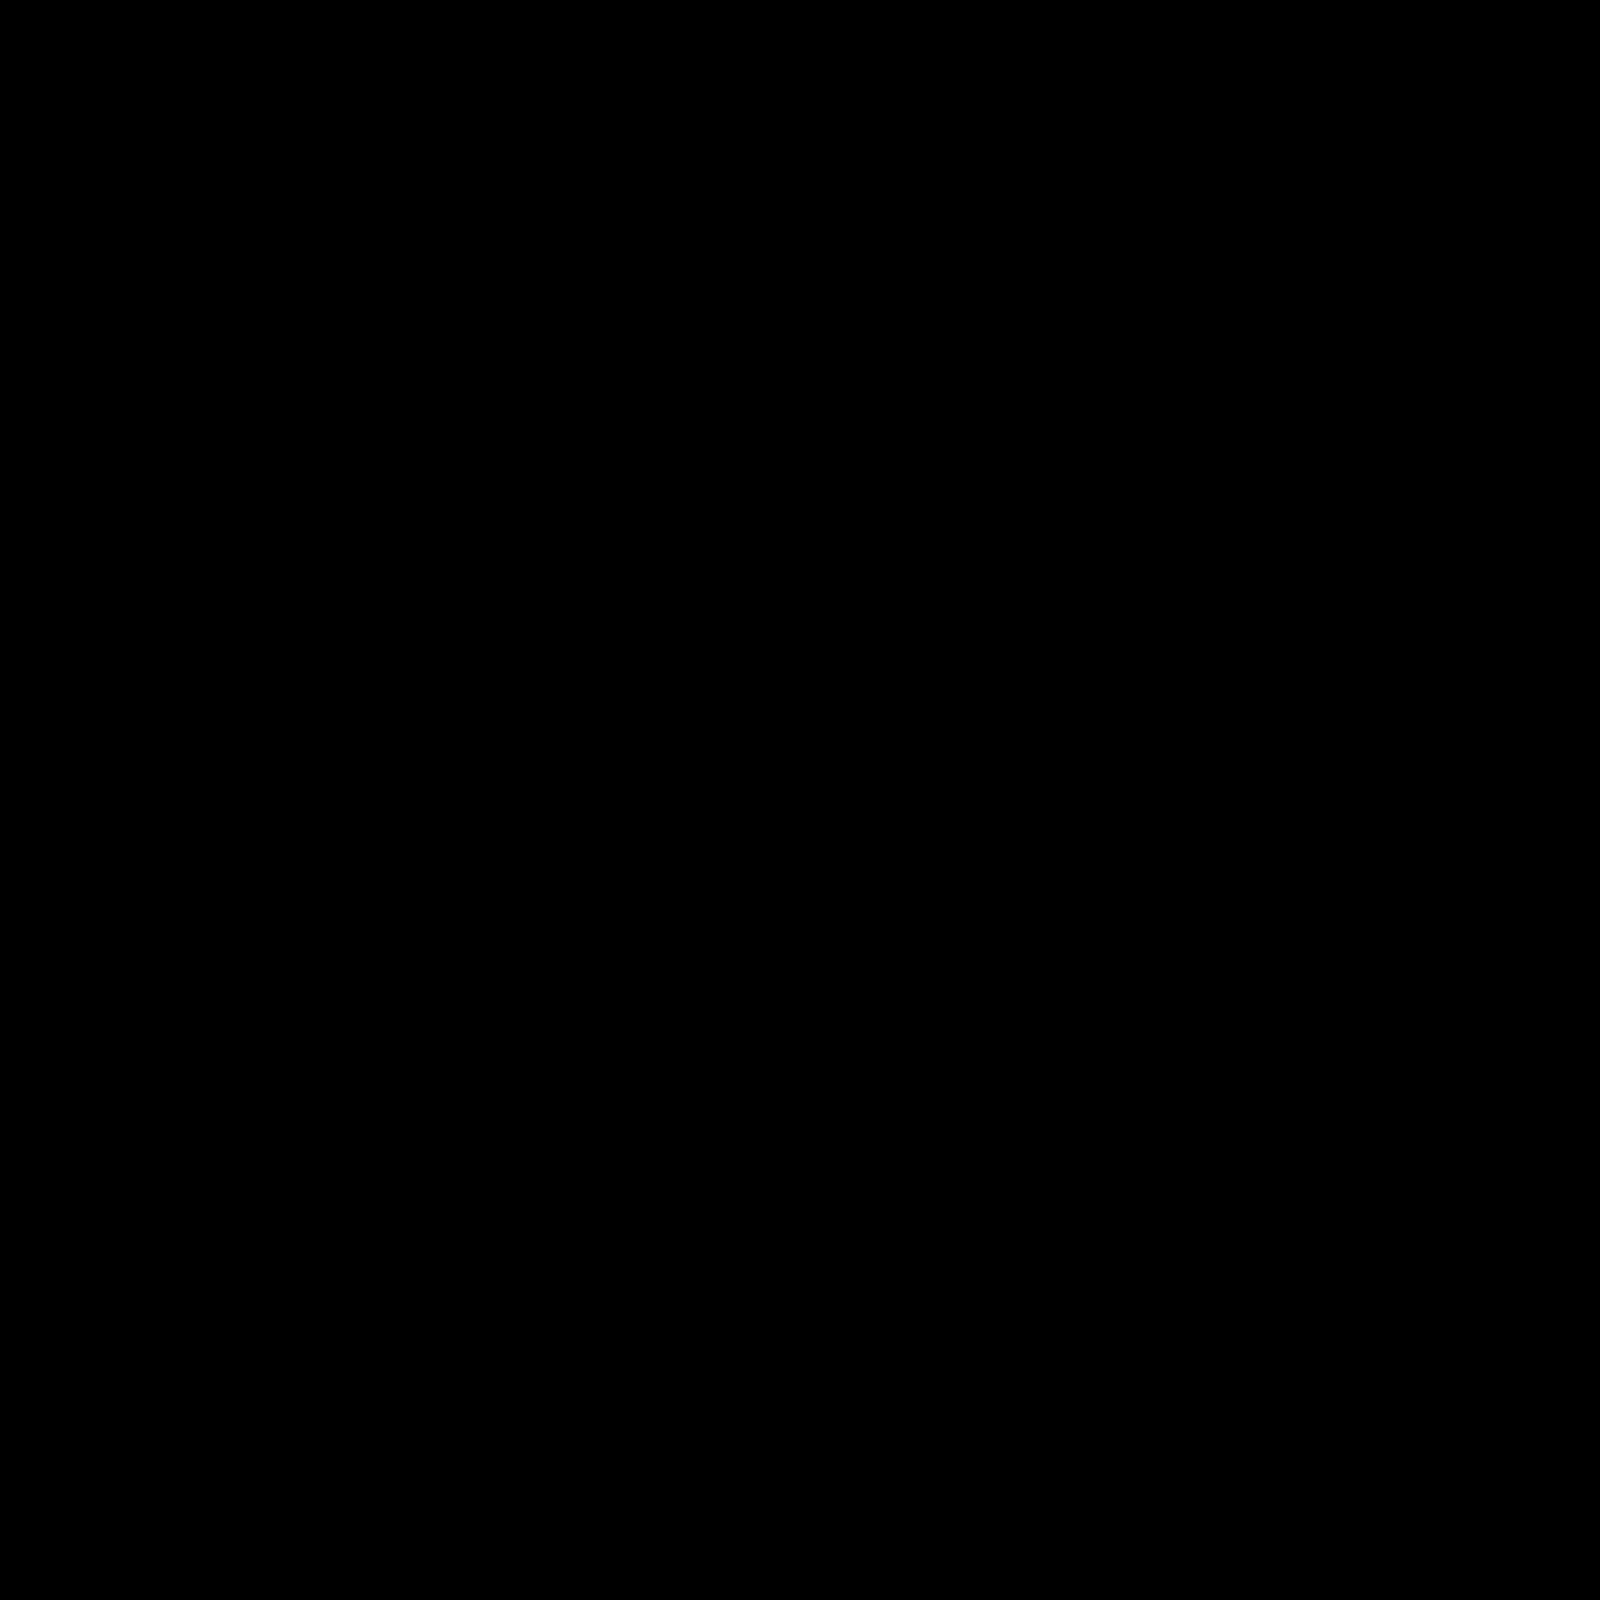 Arco del triunfo icon